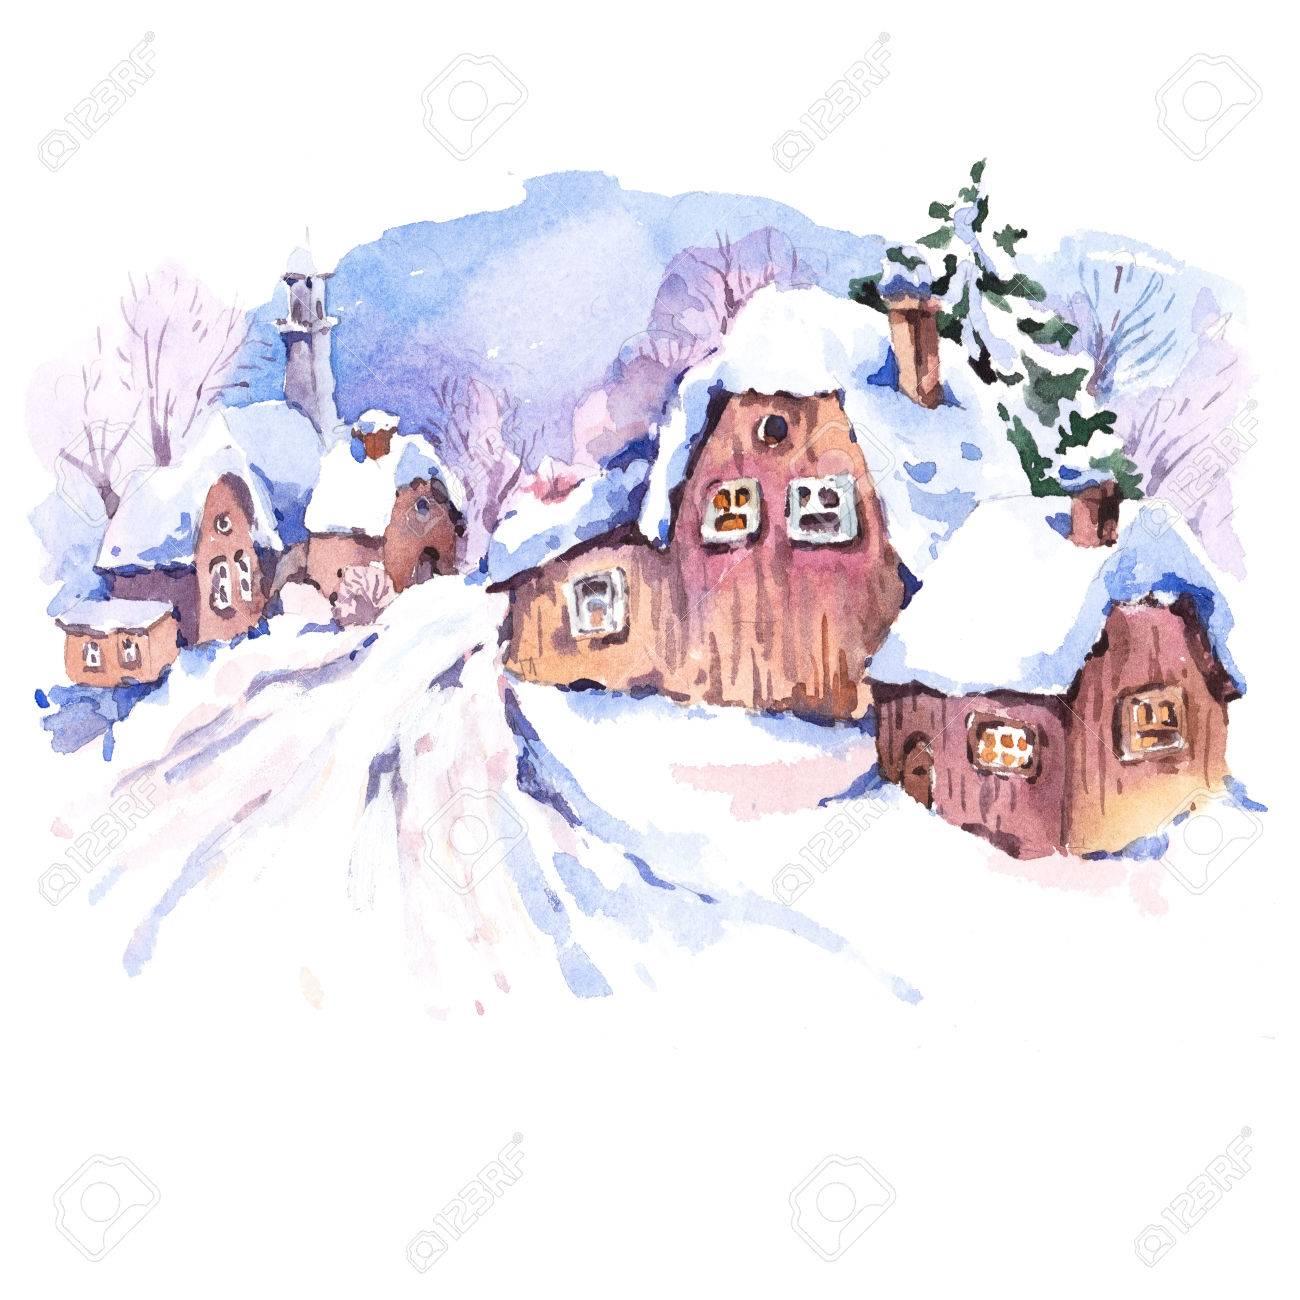 居心地の良い田舎水彩冬の風景おとぎ話冬の水彩イラストヴィンテージ